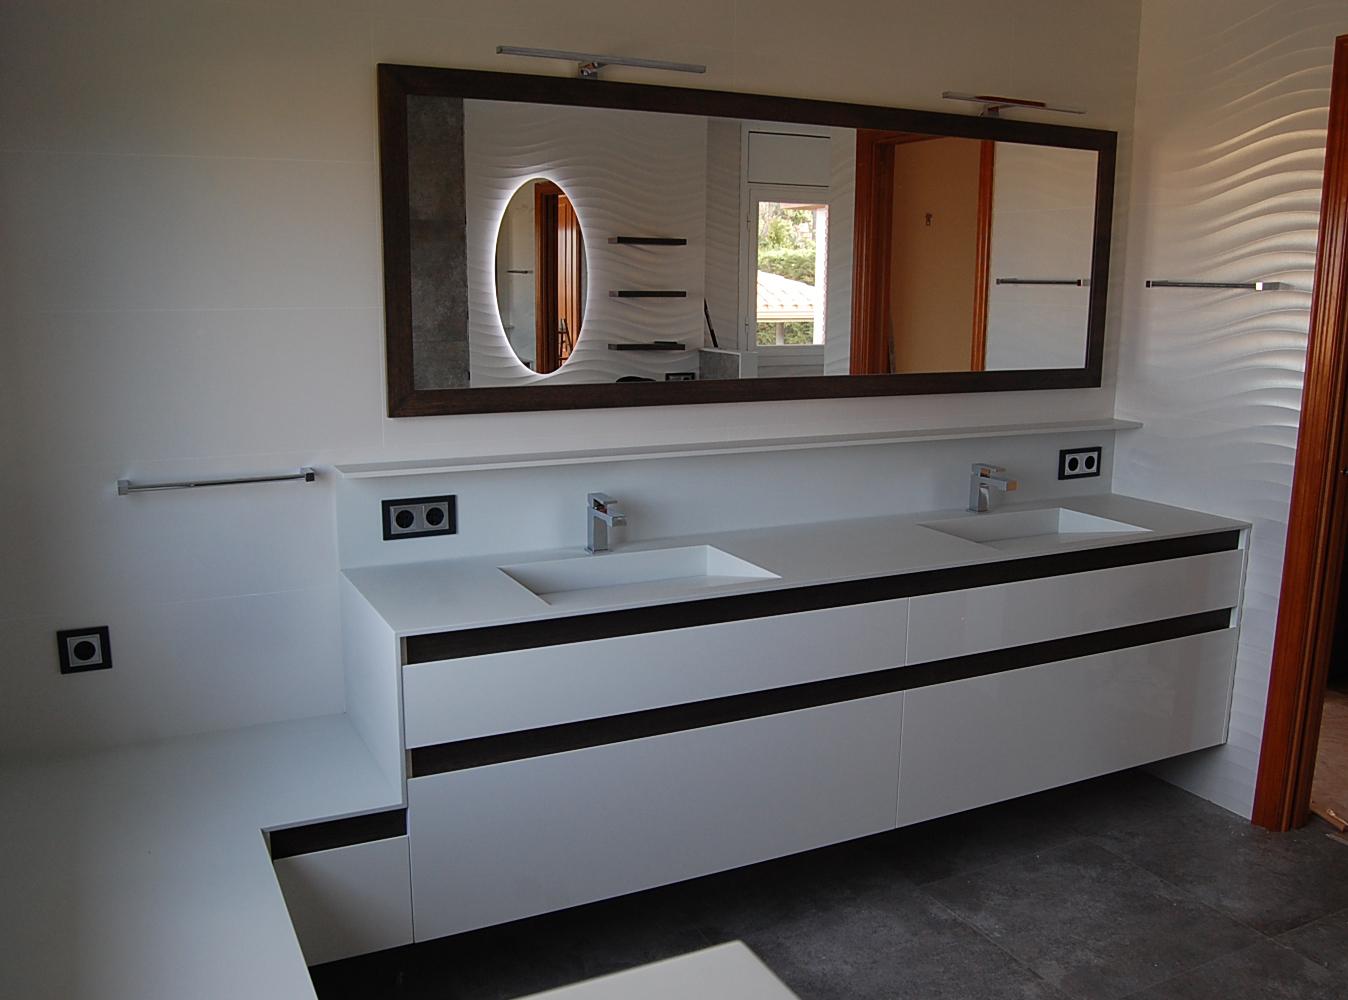 mueble de ba o y mueble tocador suspendidos mb concept On diseño baño tocador